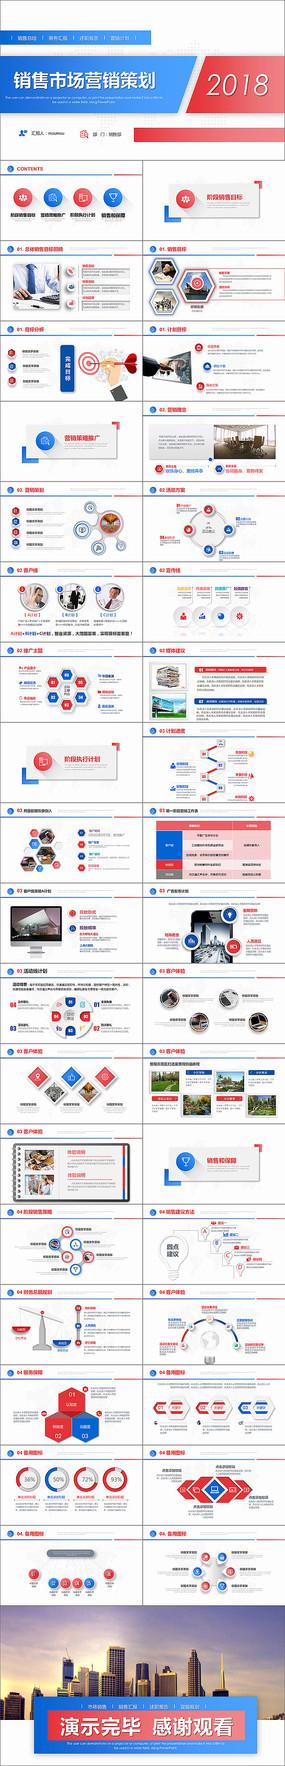 销售营销方案策划PPT模版